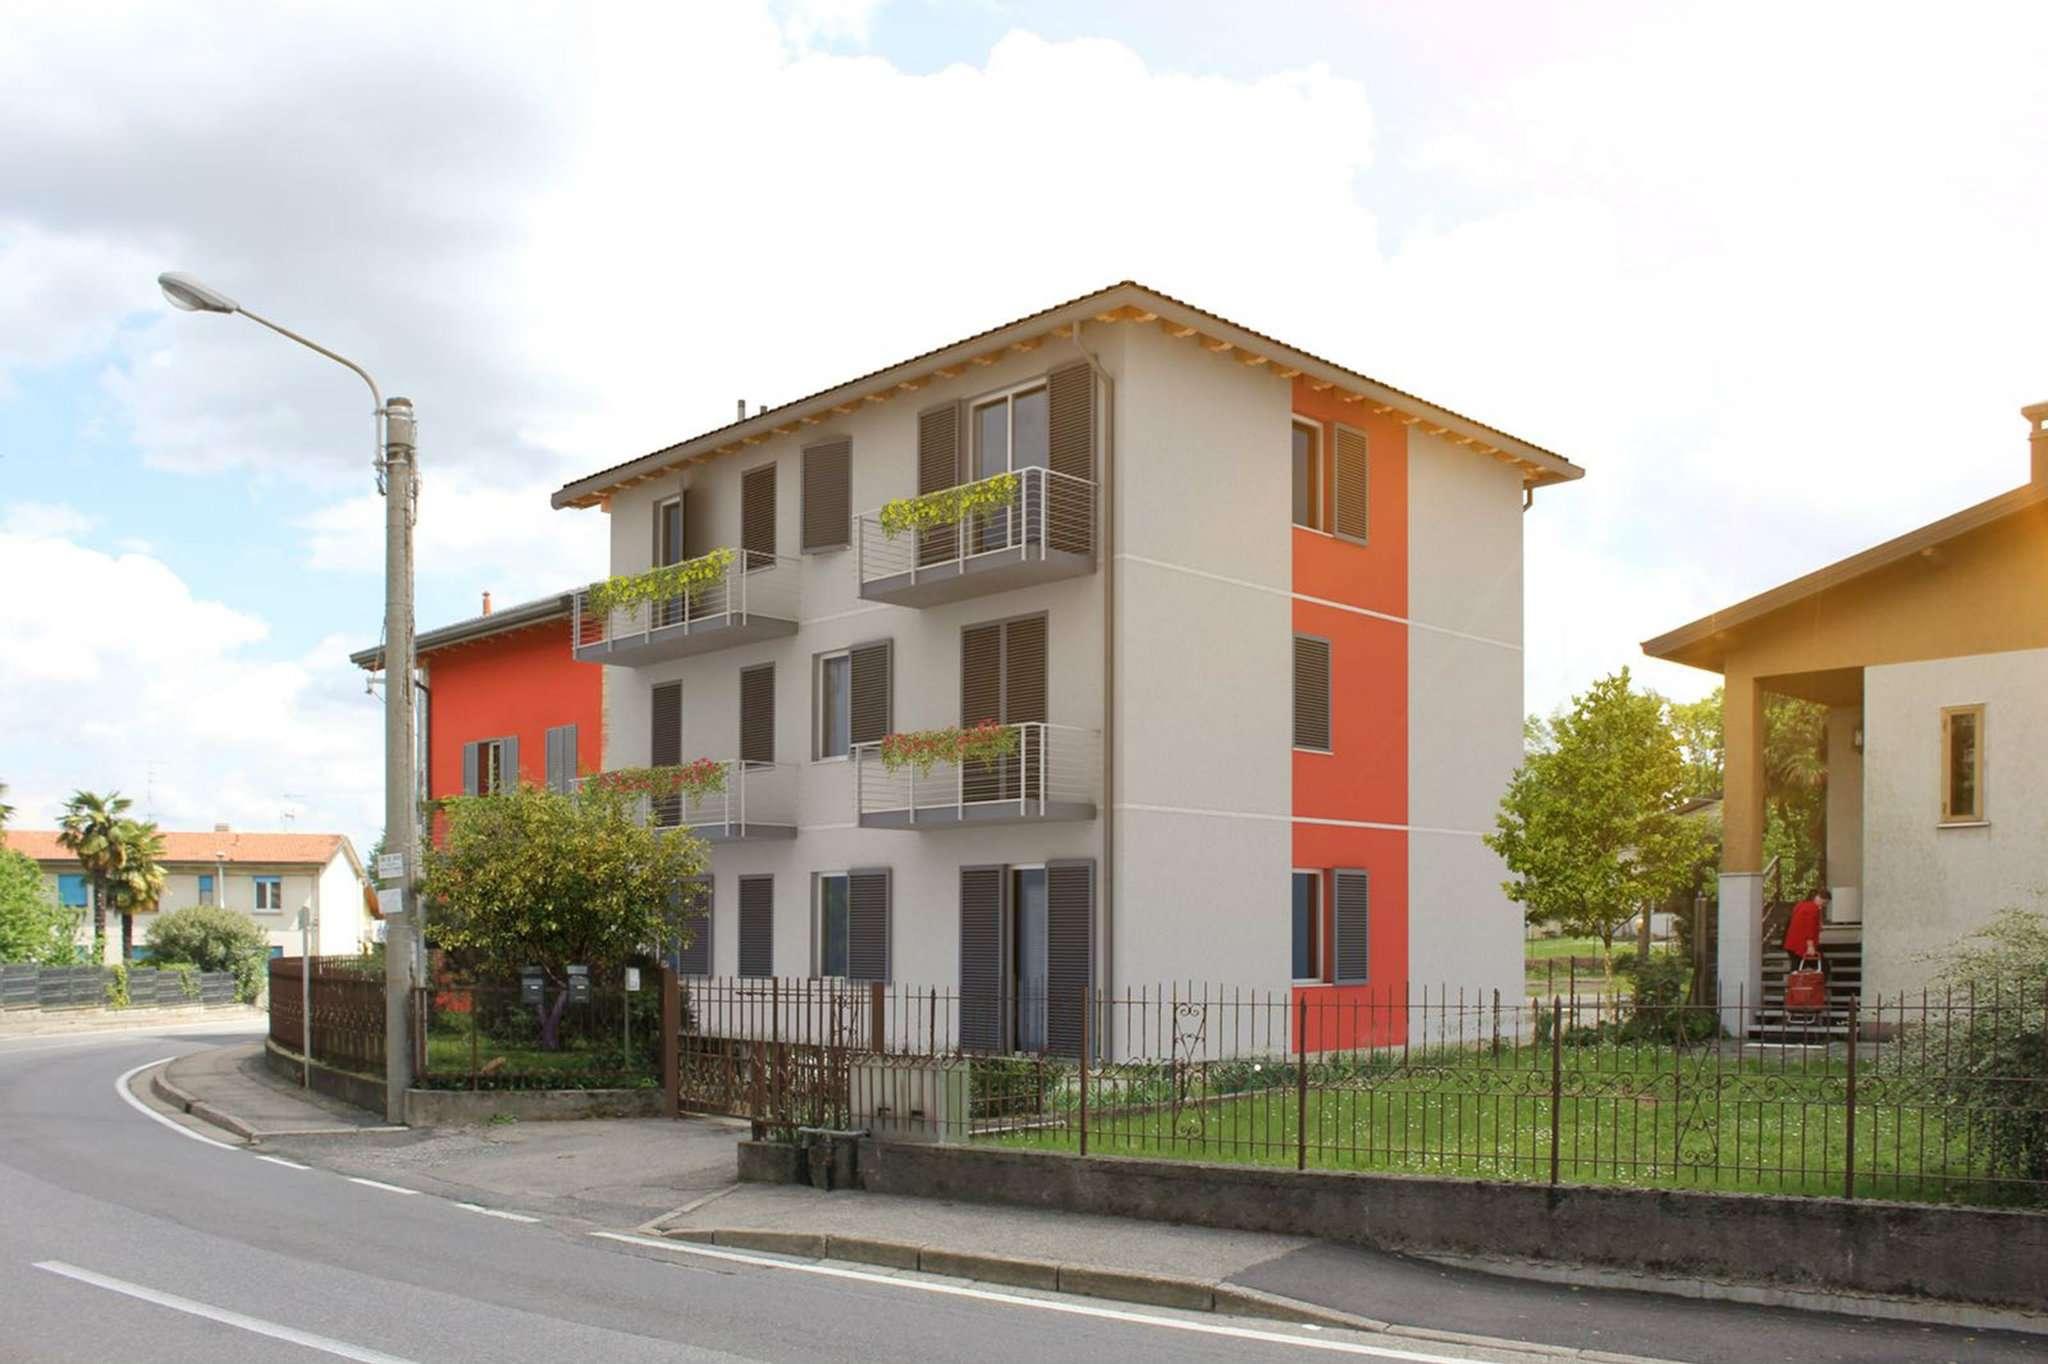 Appartamento in vendita a Veniano, 4 locali, prezzo € 240.000 | PortaleAgenzieImmobiliari.it